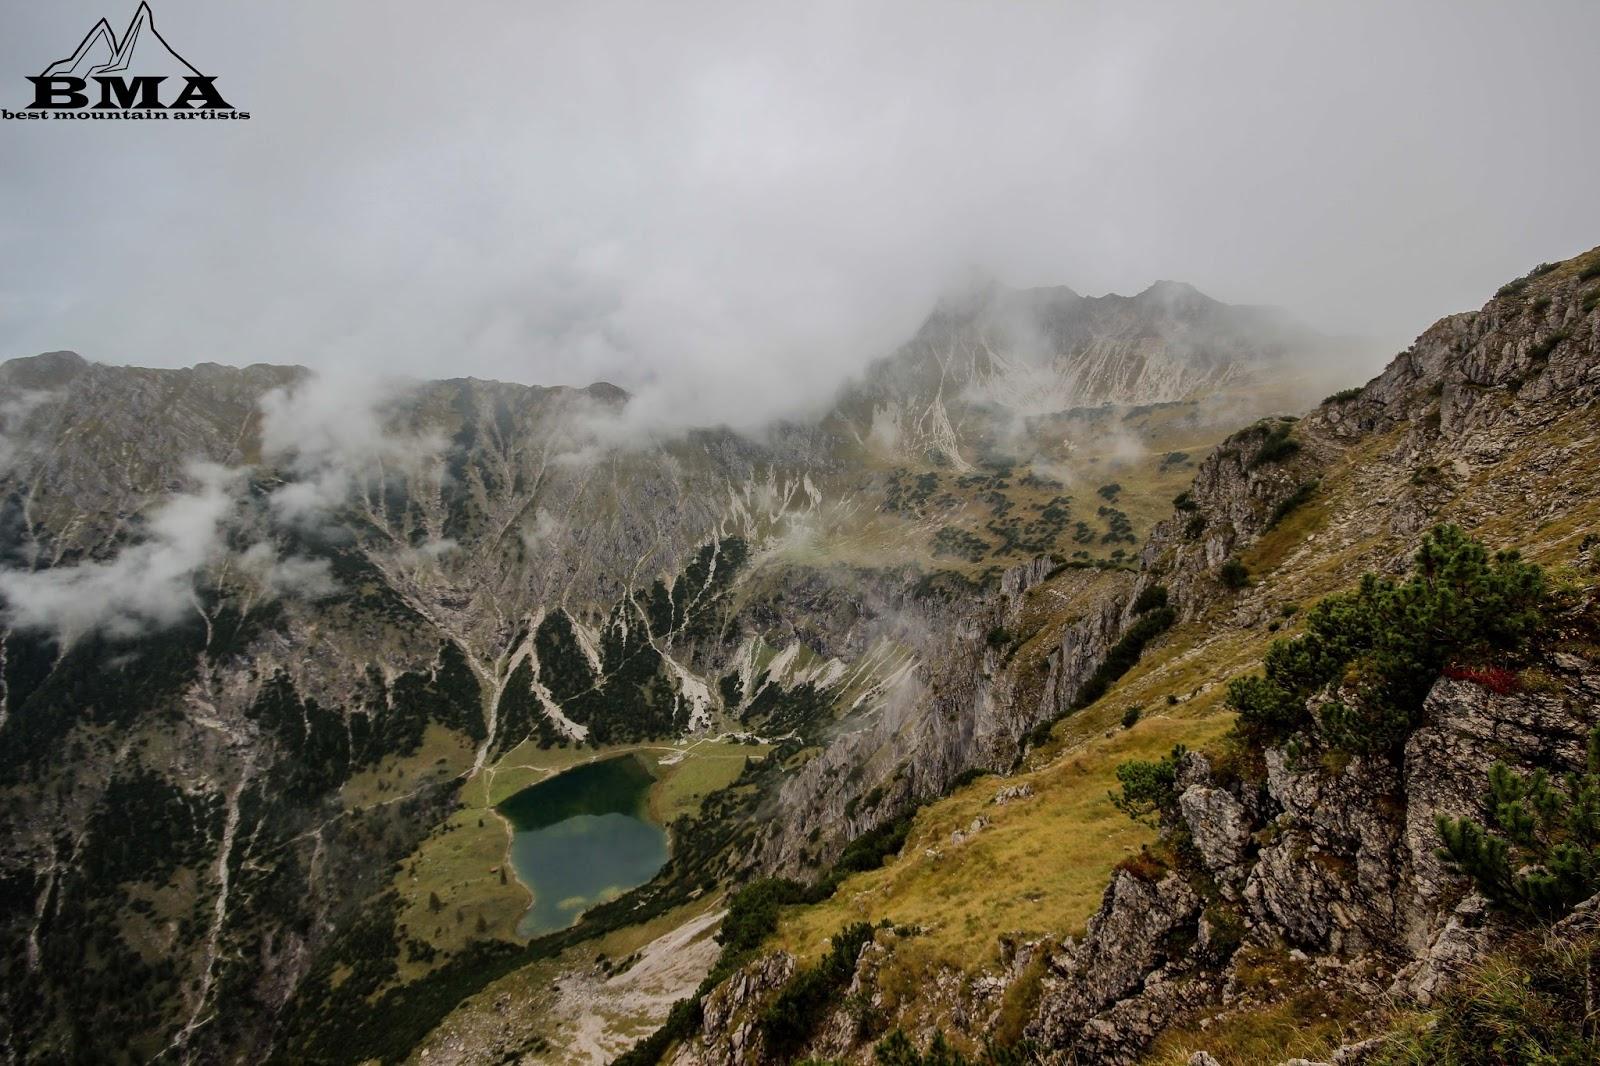 Die gaisalpe, darüber der wasserfall vom unteren gaisalpsee (erste stufe). BMA Wanderung Rubihorn Oberstdorf mit Heimplanet The Wedge